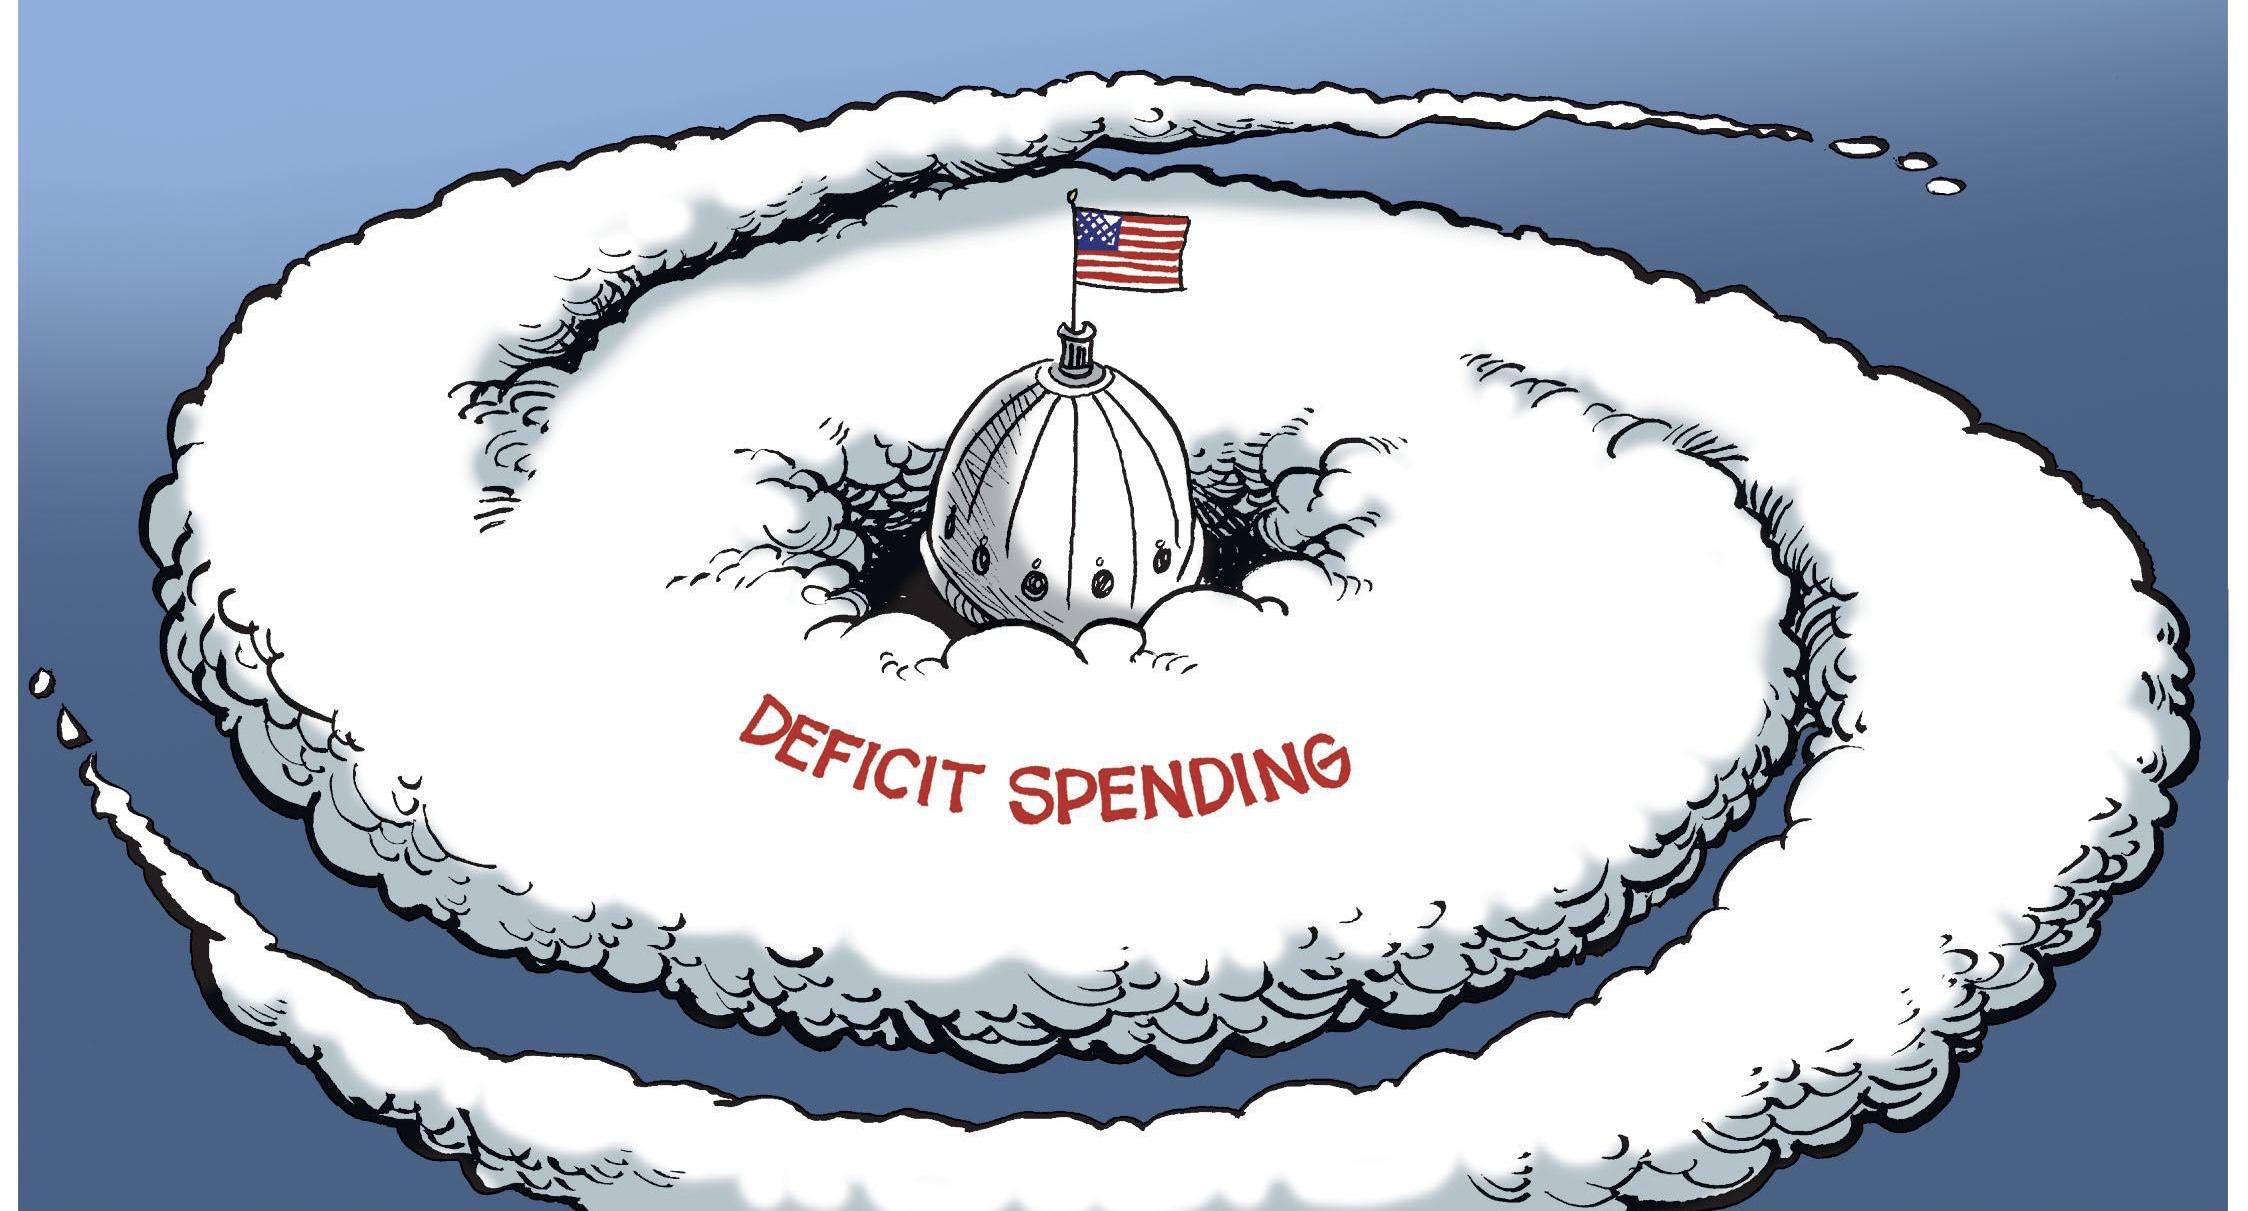 07492684 A9F4 45AC 9E5A FED046AD5D99 - توضیحاتی درباره ی Deficit Spending